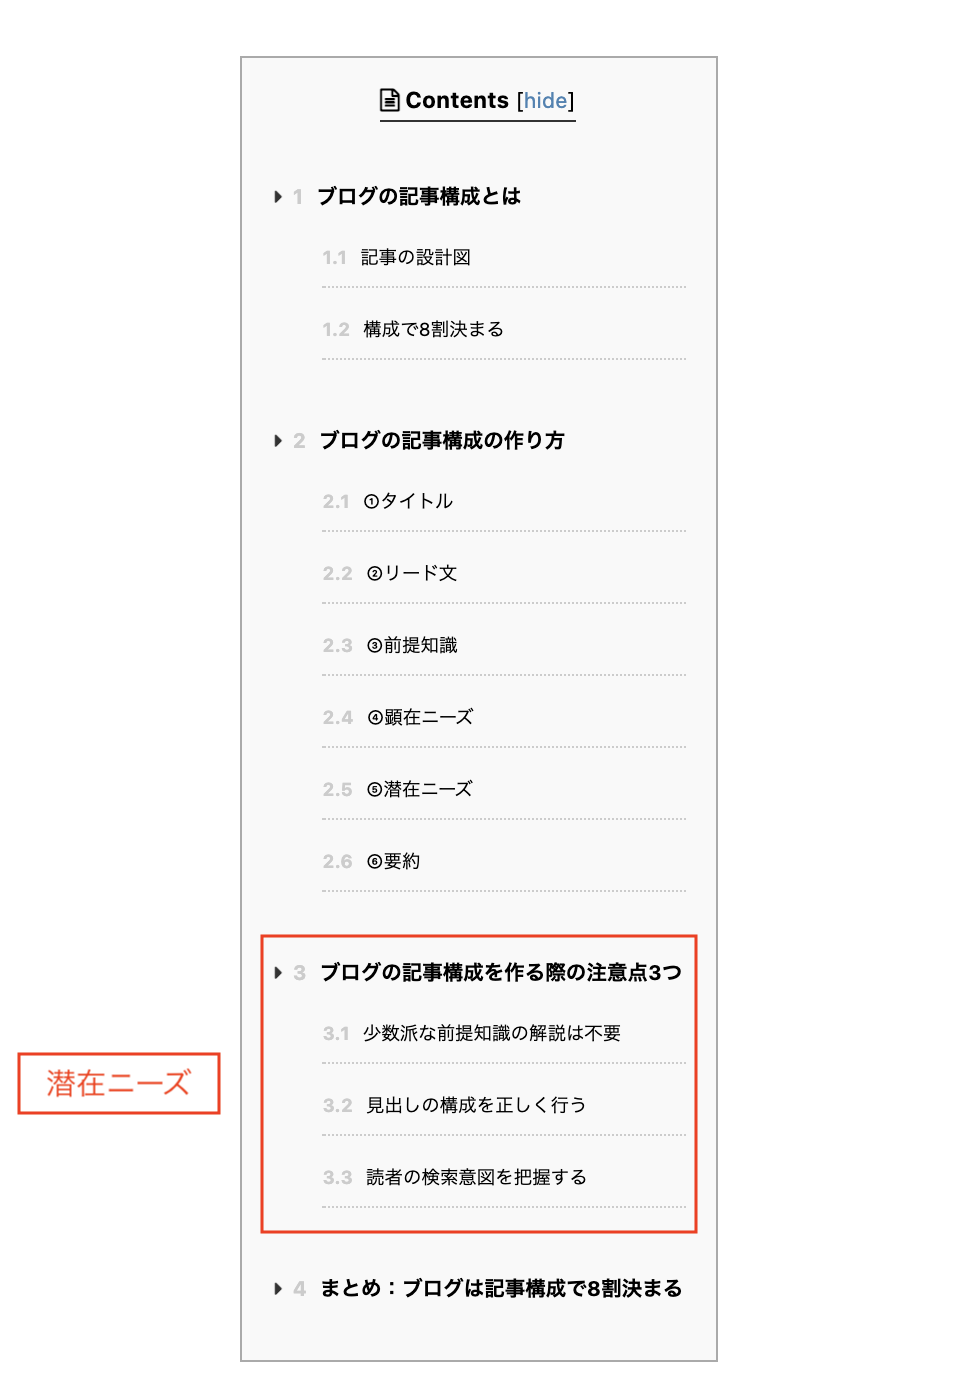 ブログ記事構成(潜在ニーズ)